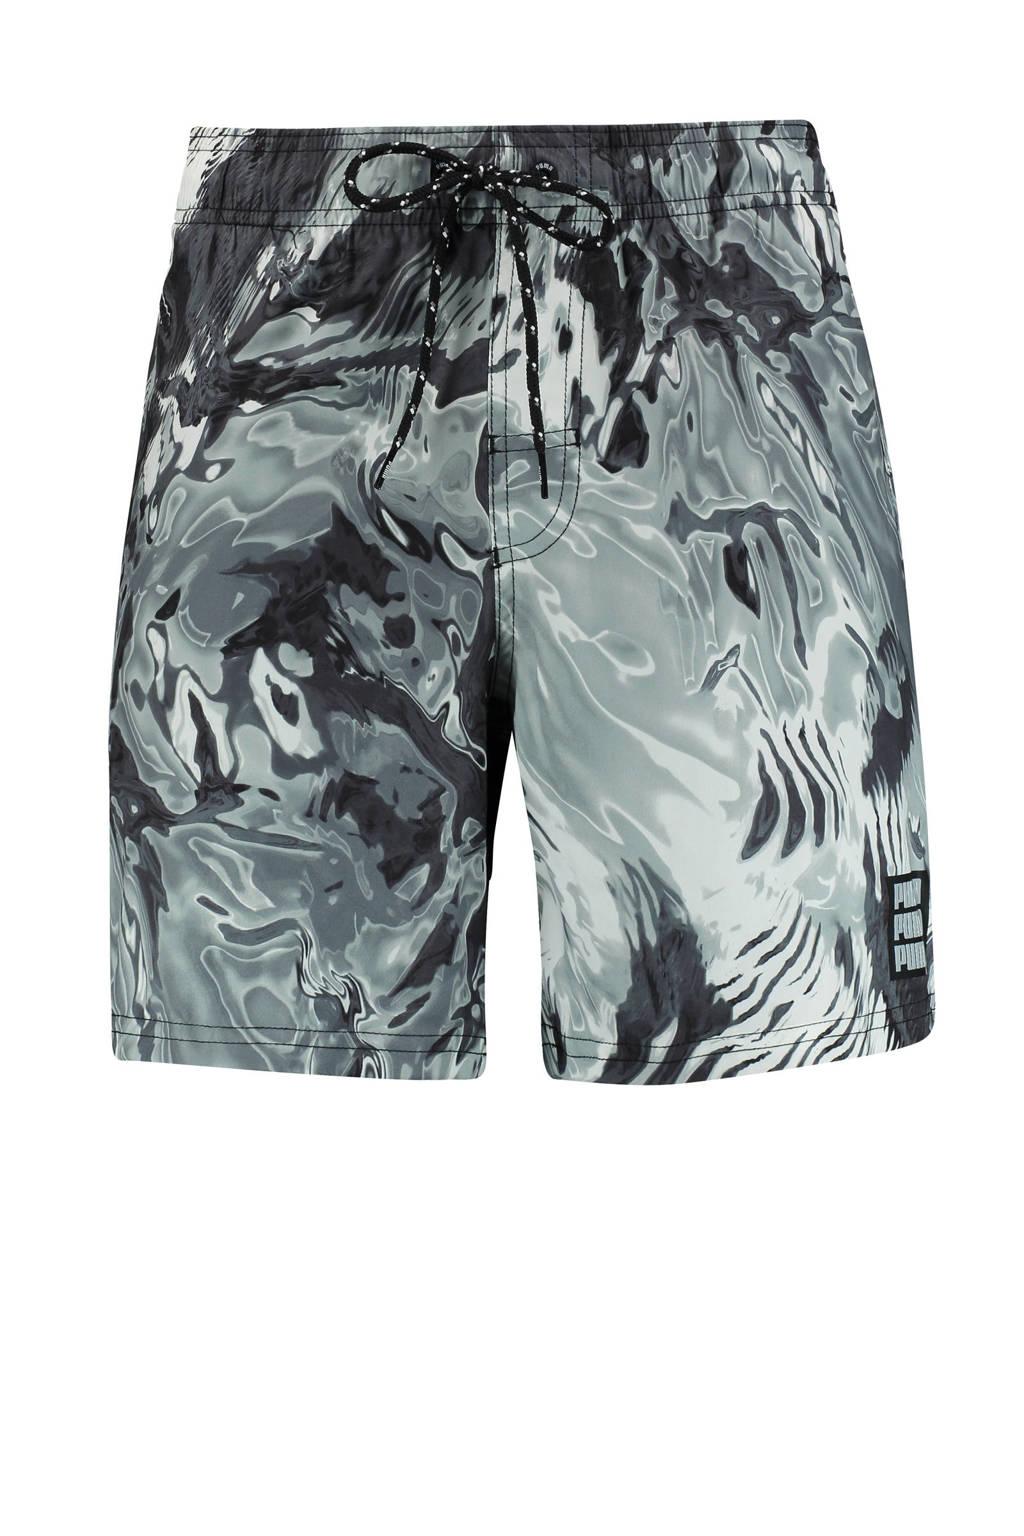 Puma zwemshort met all over print zwart/wit, Zwart/wit